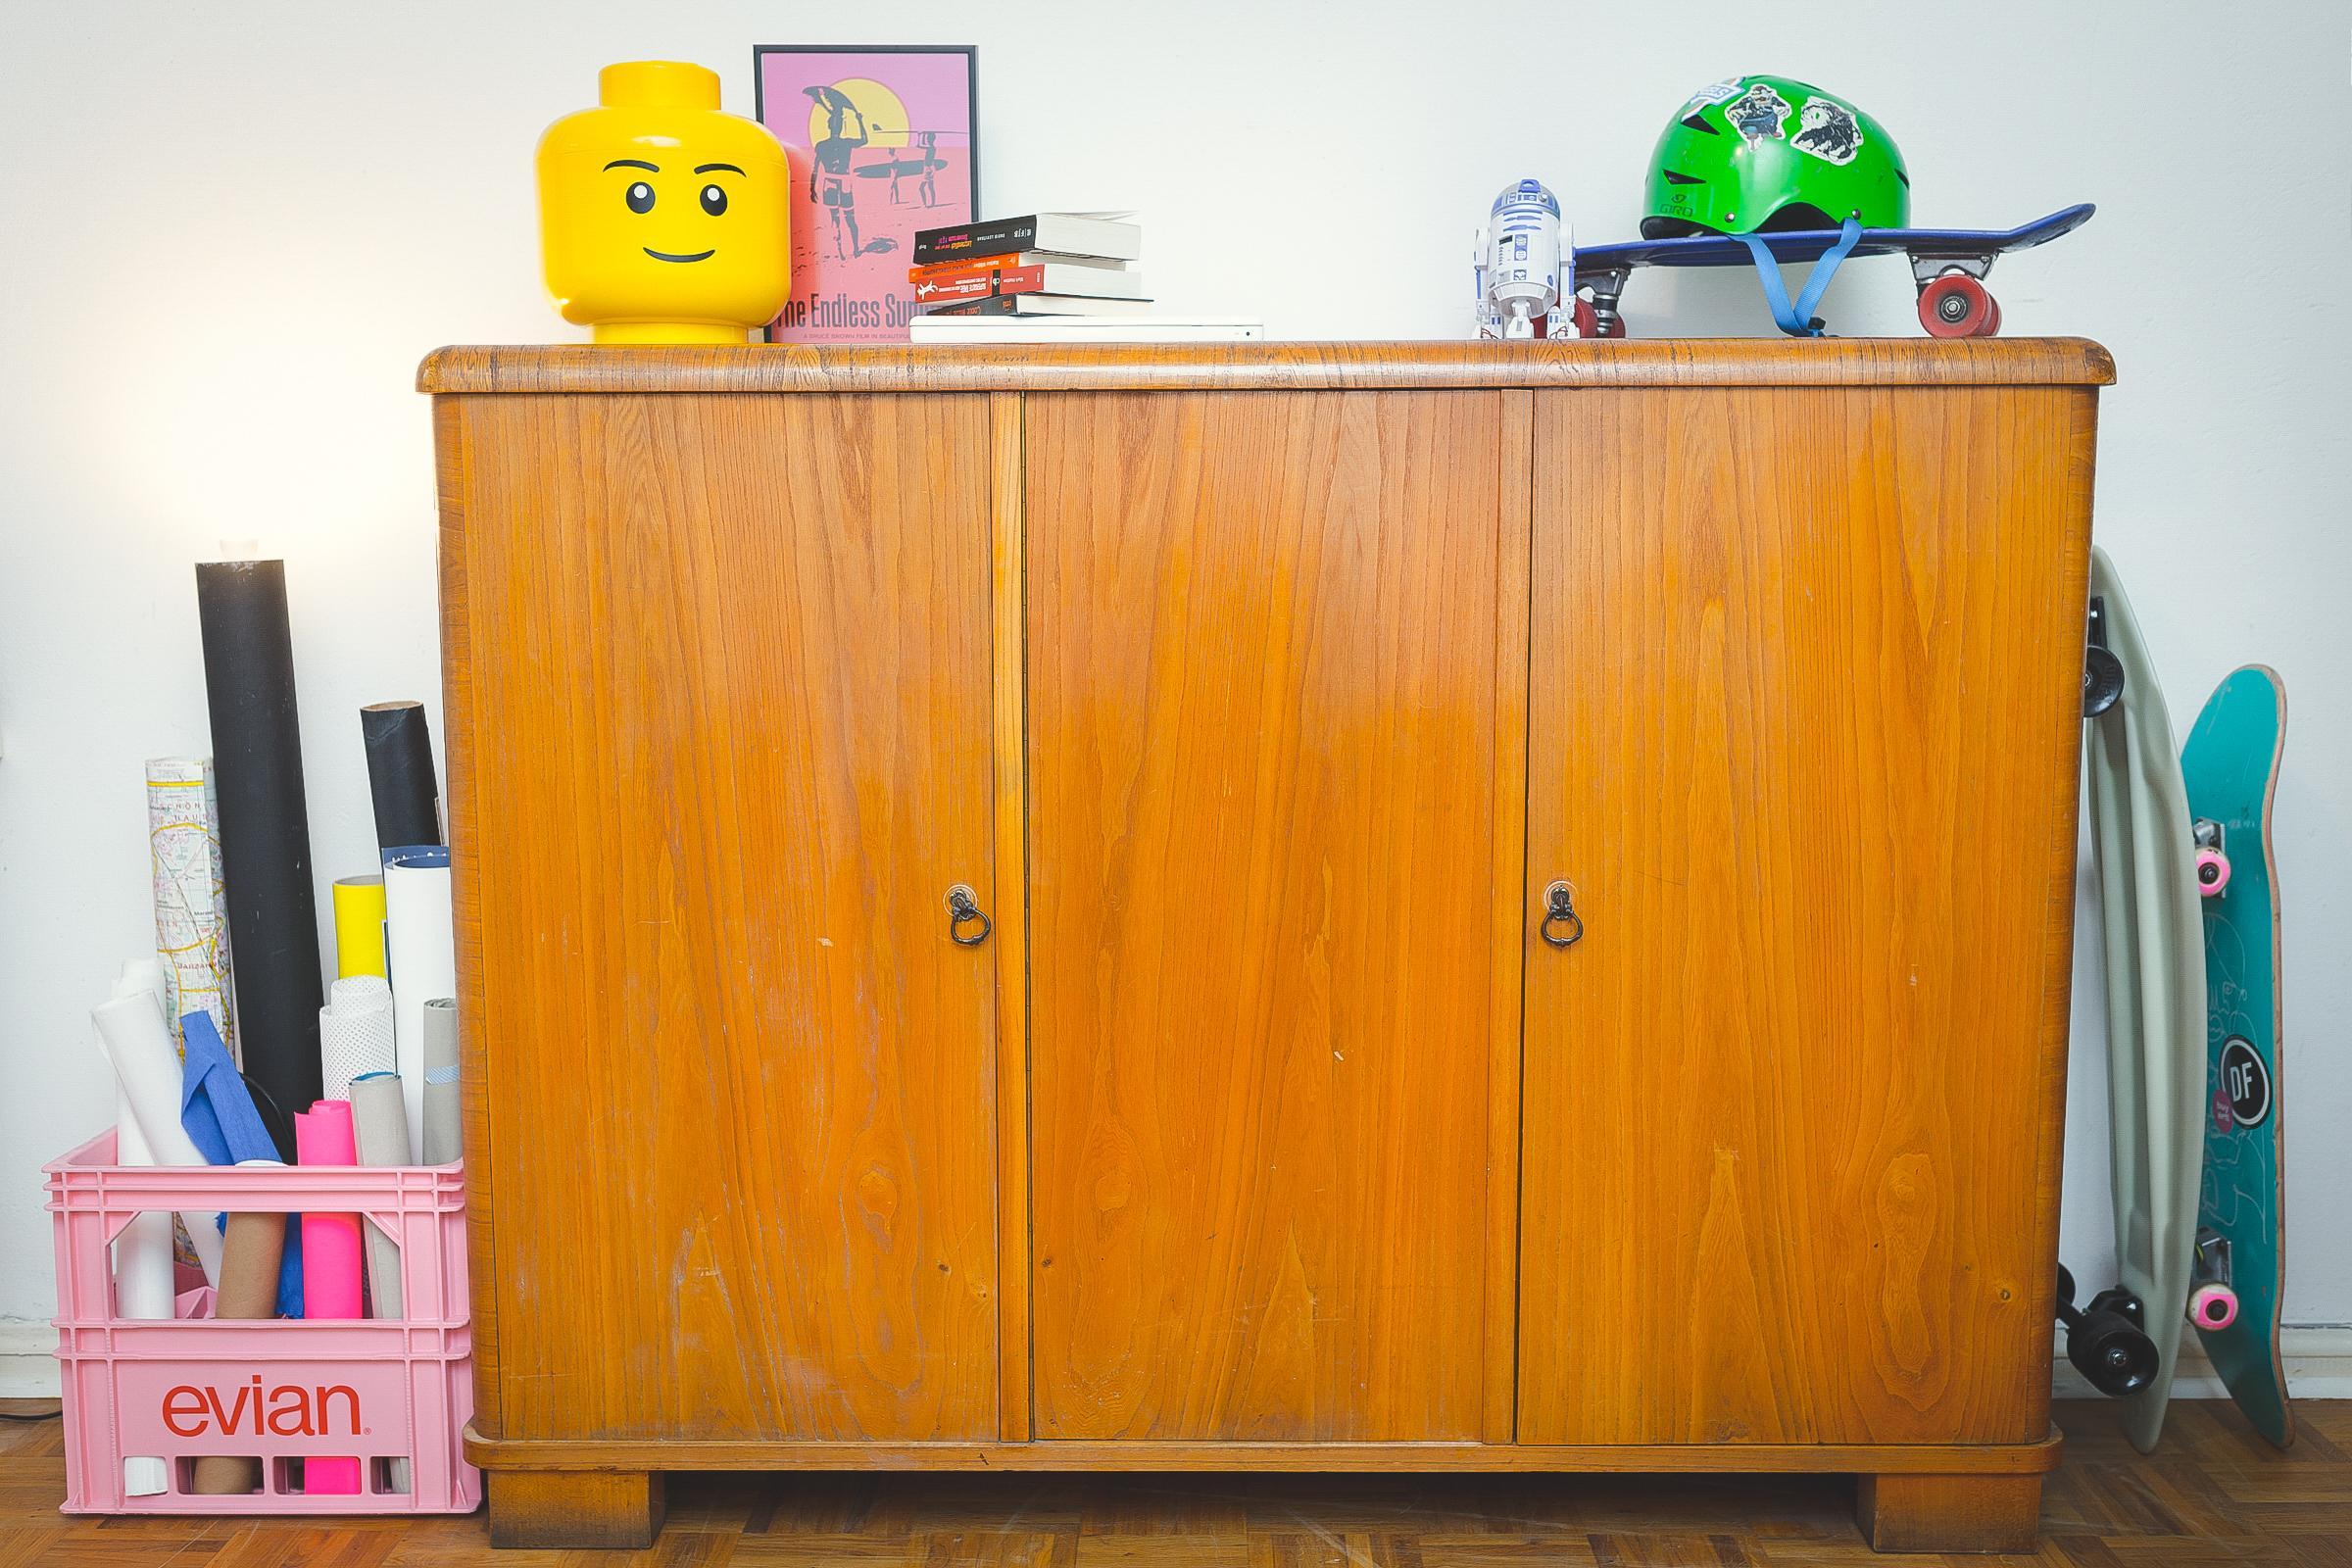 Jugendzimmer-Ideen: So wird das Kinderzimmer verwandelt